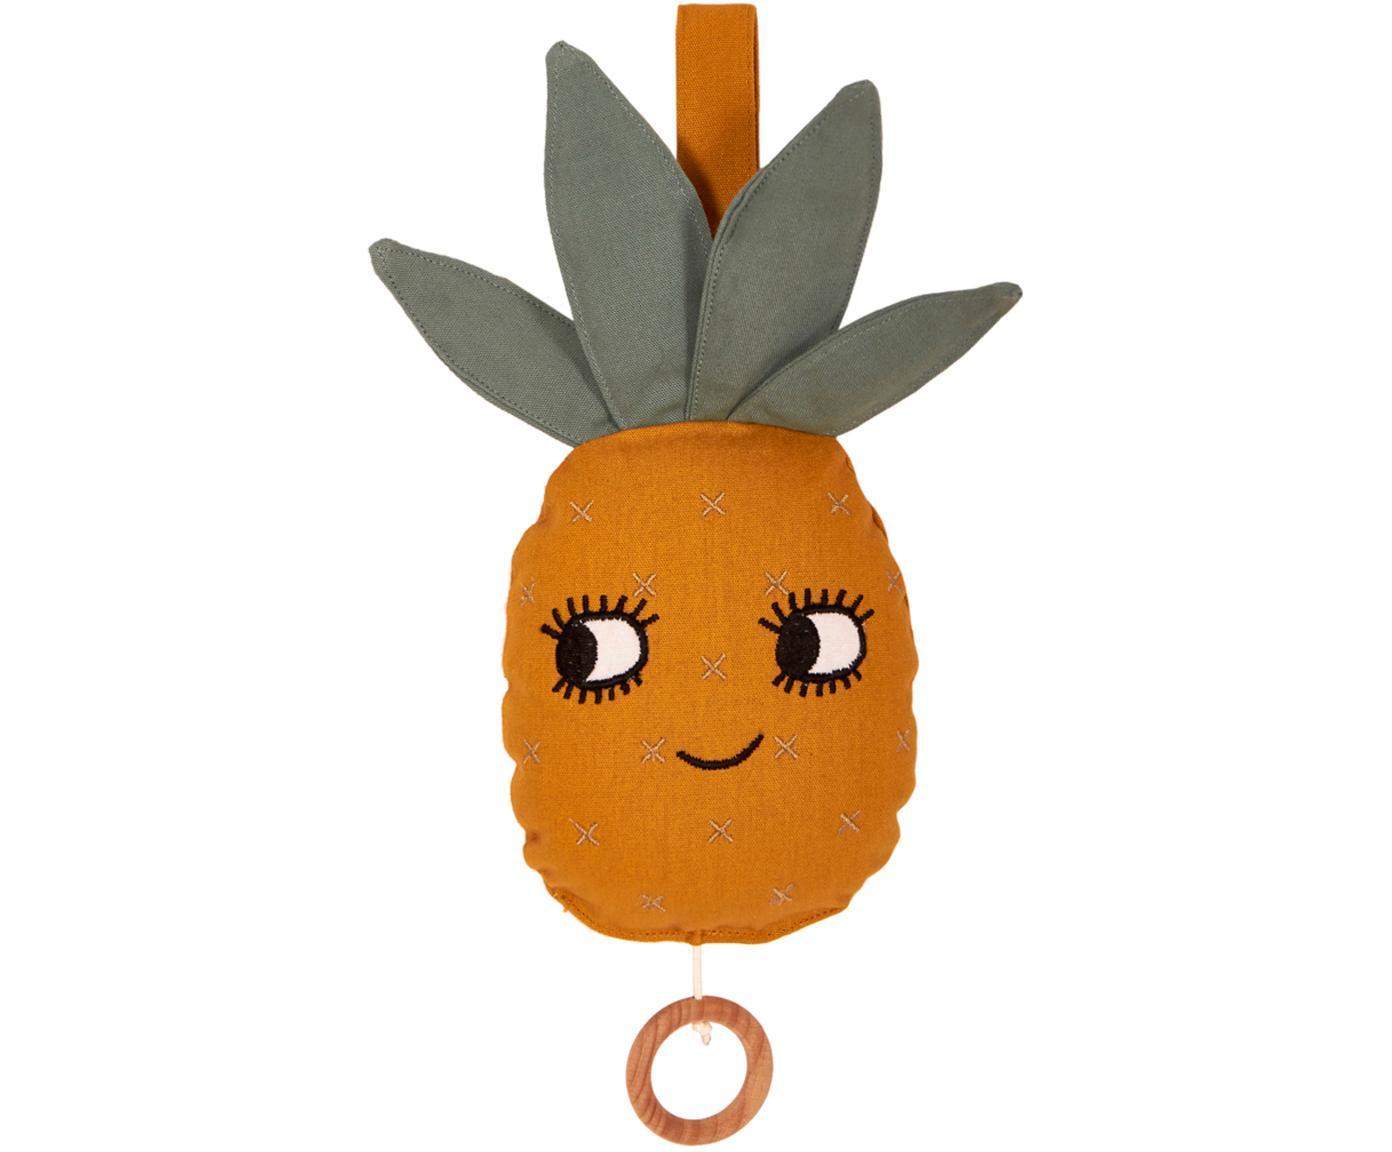 Handgemaakte speelklok Pineapple, Katoen, Geel, 10 x 25 cm